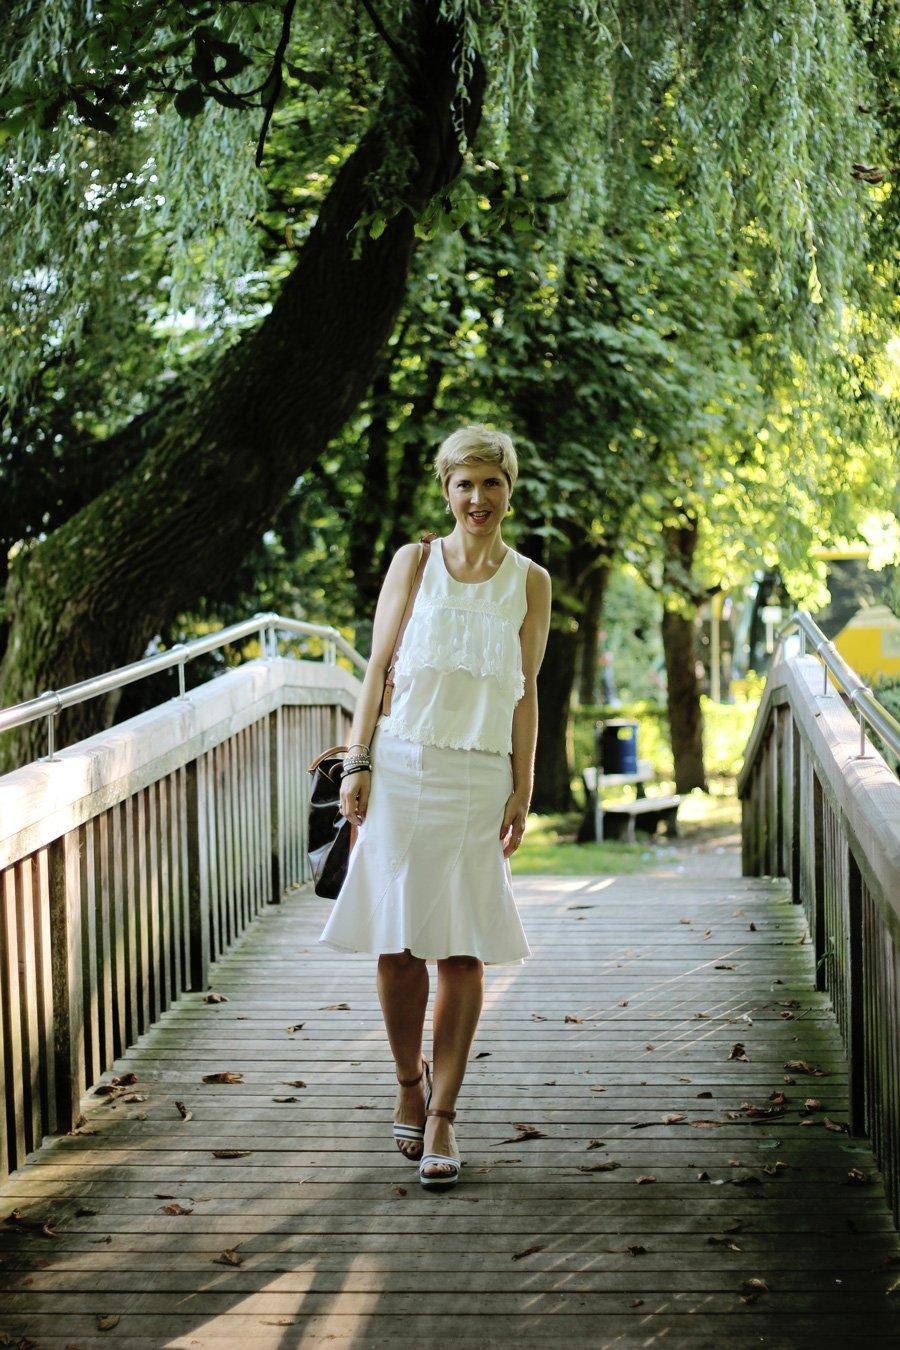 Conny Doll Lifestyle: Mein Bürolook für heiße Tage - Acht Wochen Sommerferien in Bayern, Schulschluss, weißer Rock, weißes Top, ganz in weiß